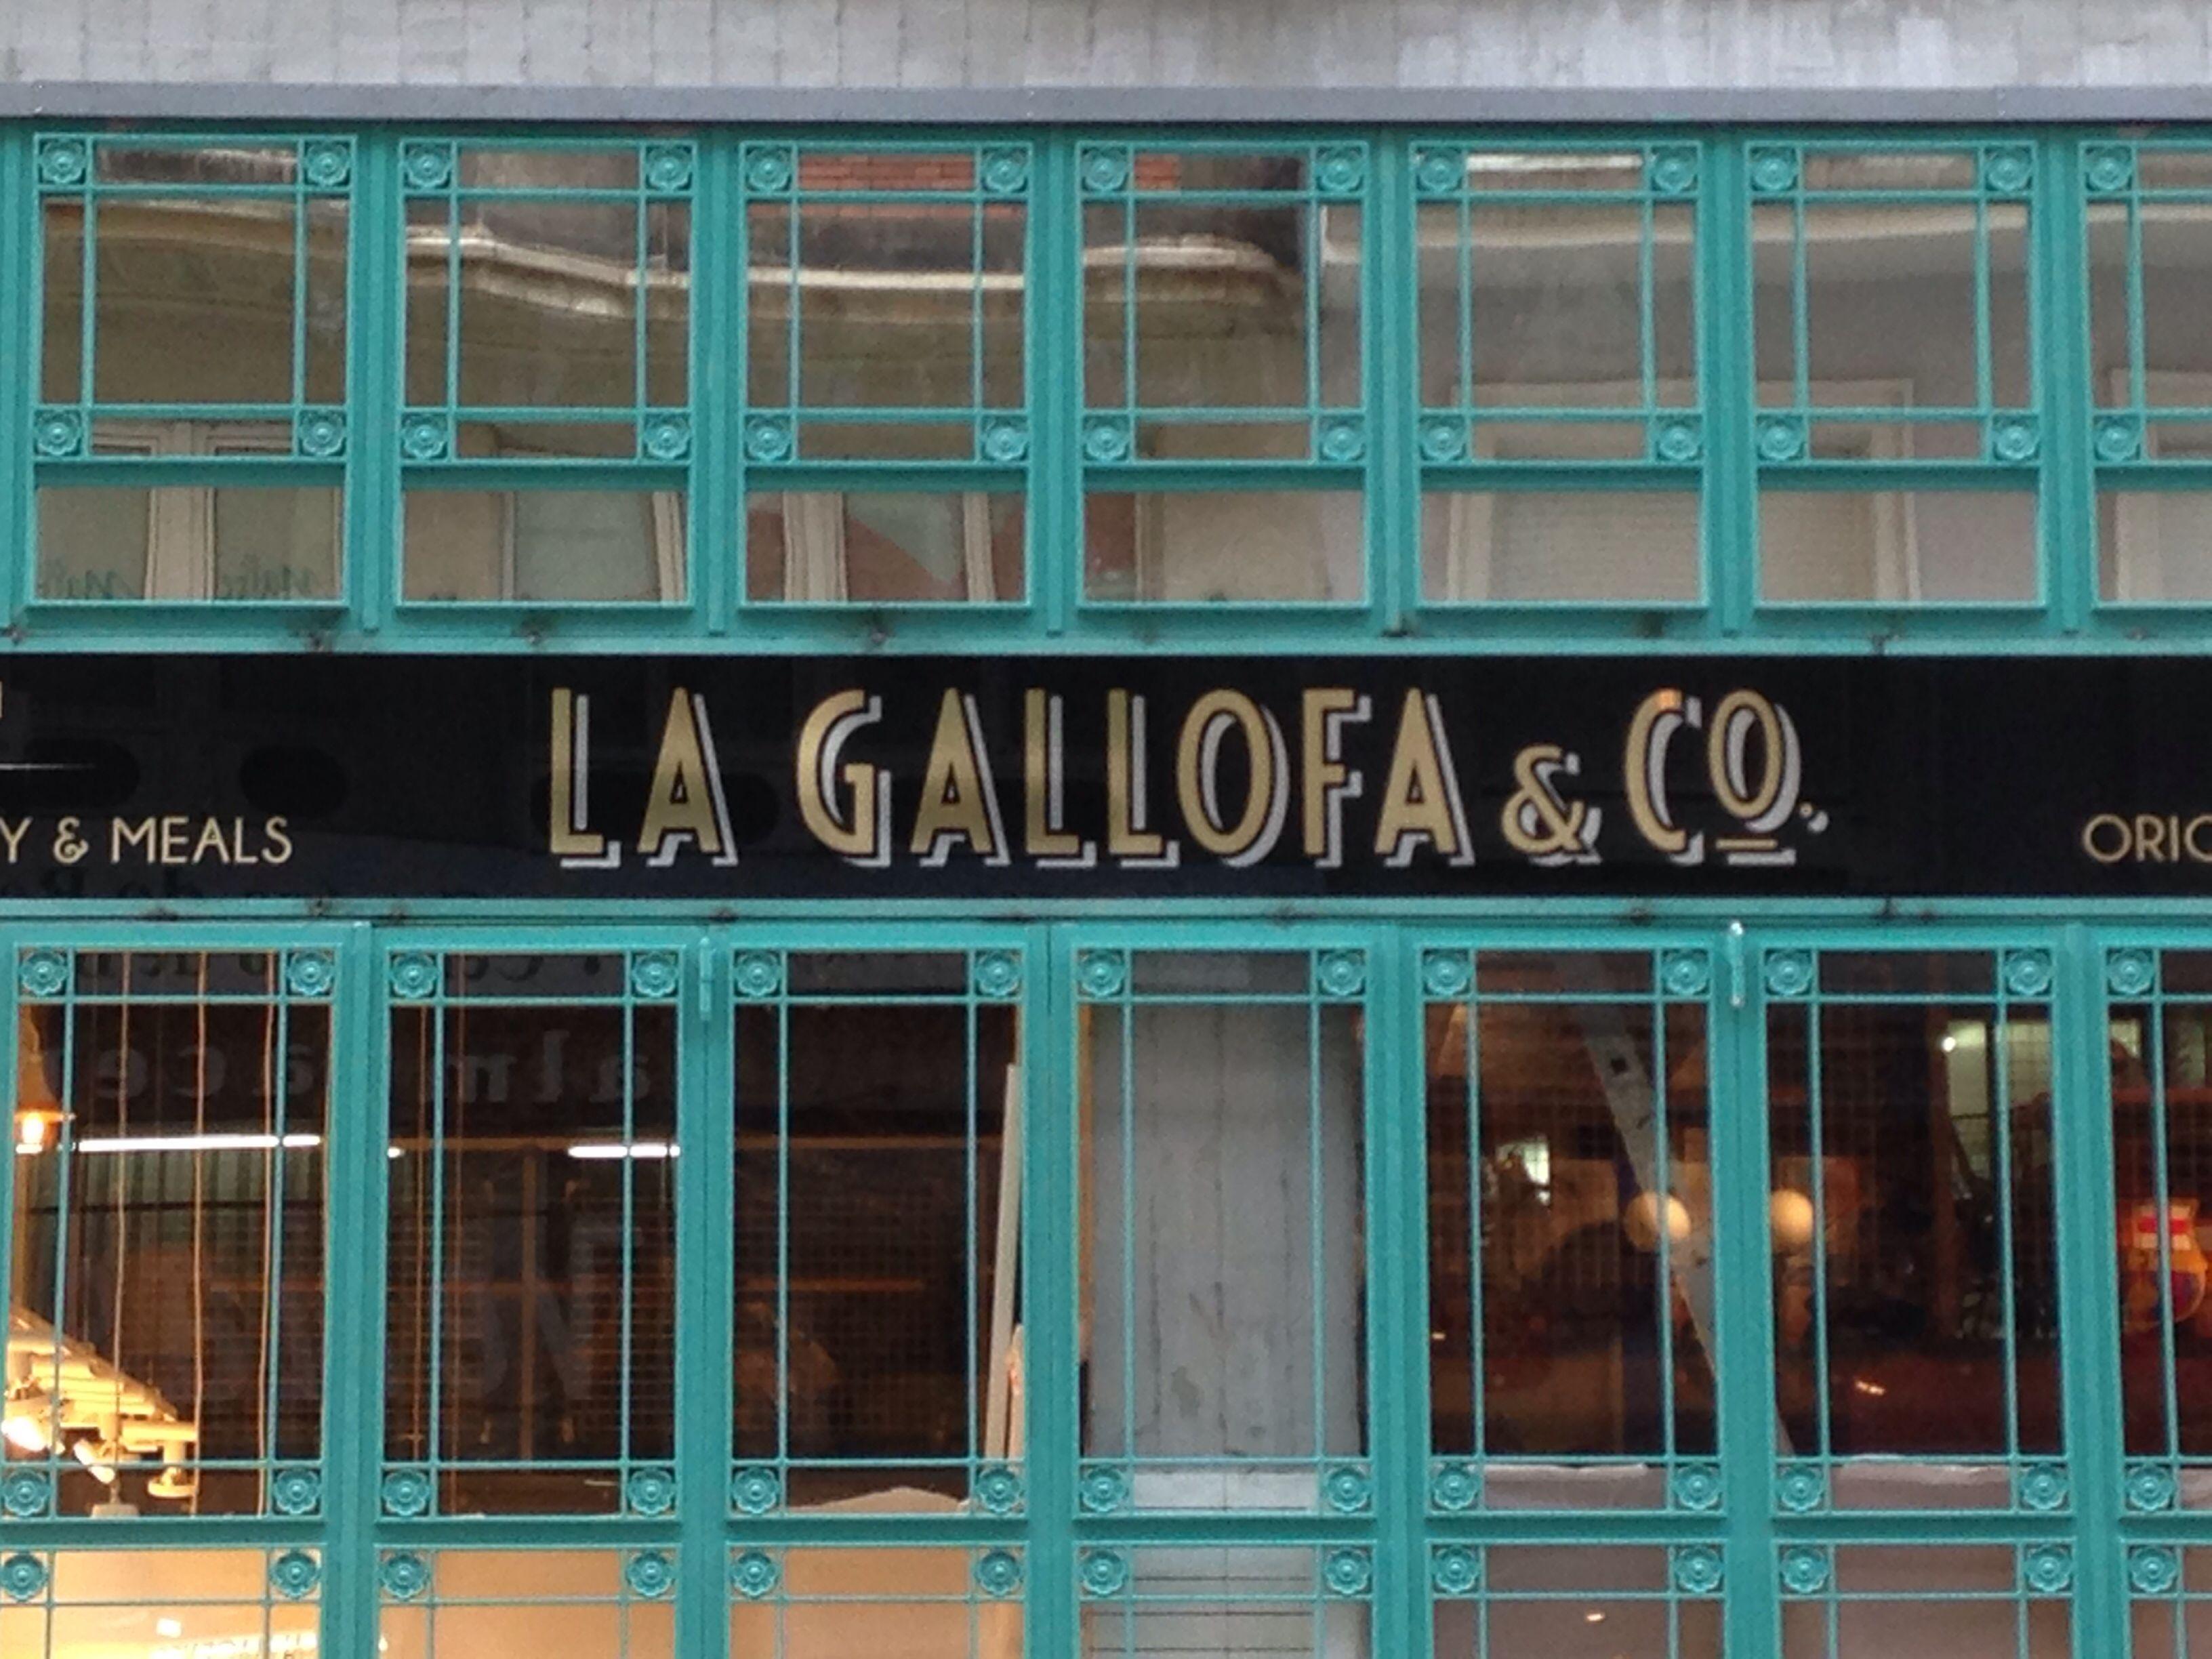 La Gallofa Santander Mercado Pinterest Mercadillos Y Fachadas # Muebles Hoznayo